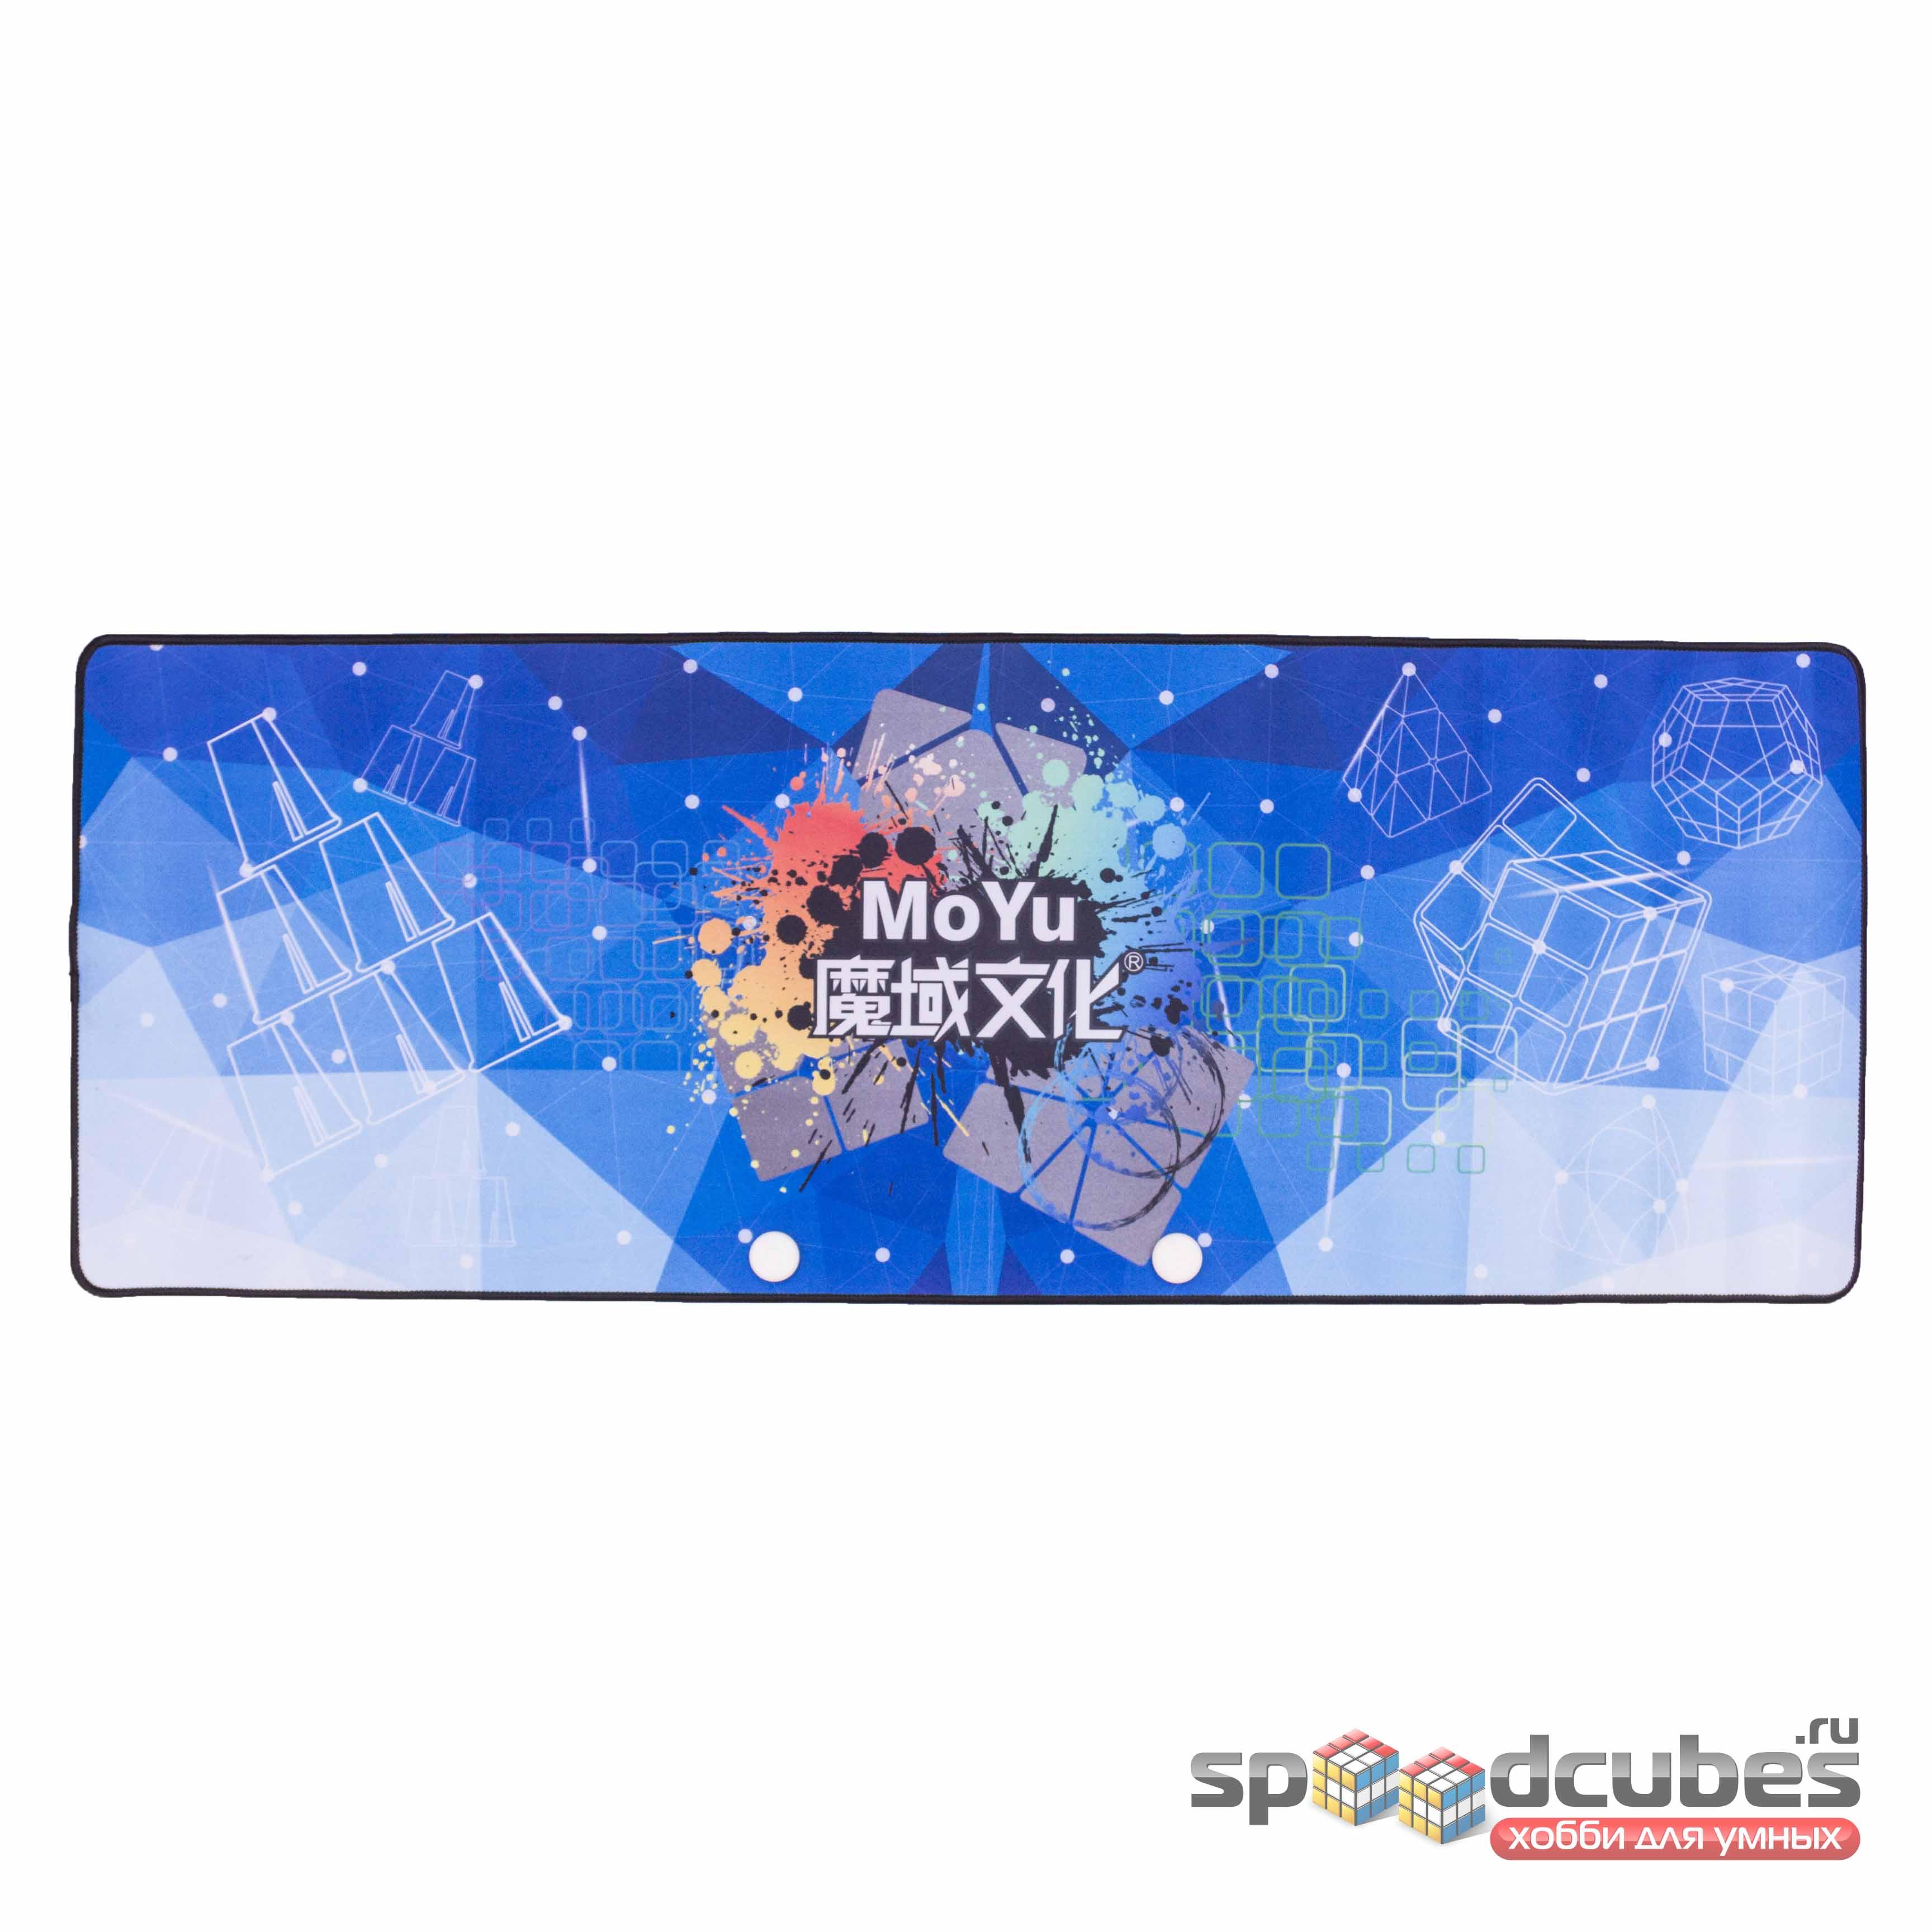 Набор креплений для матов MoYu и QiYi MoFangGe 3